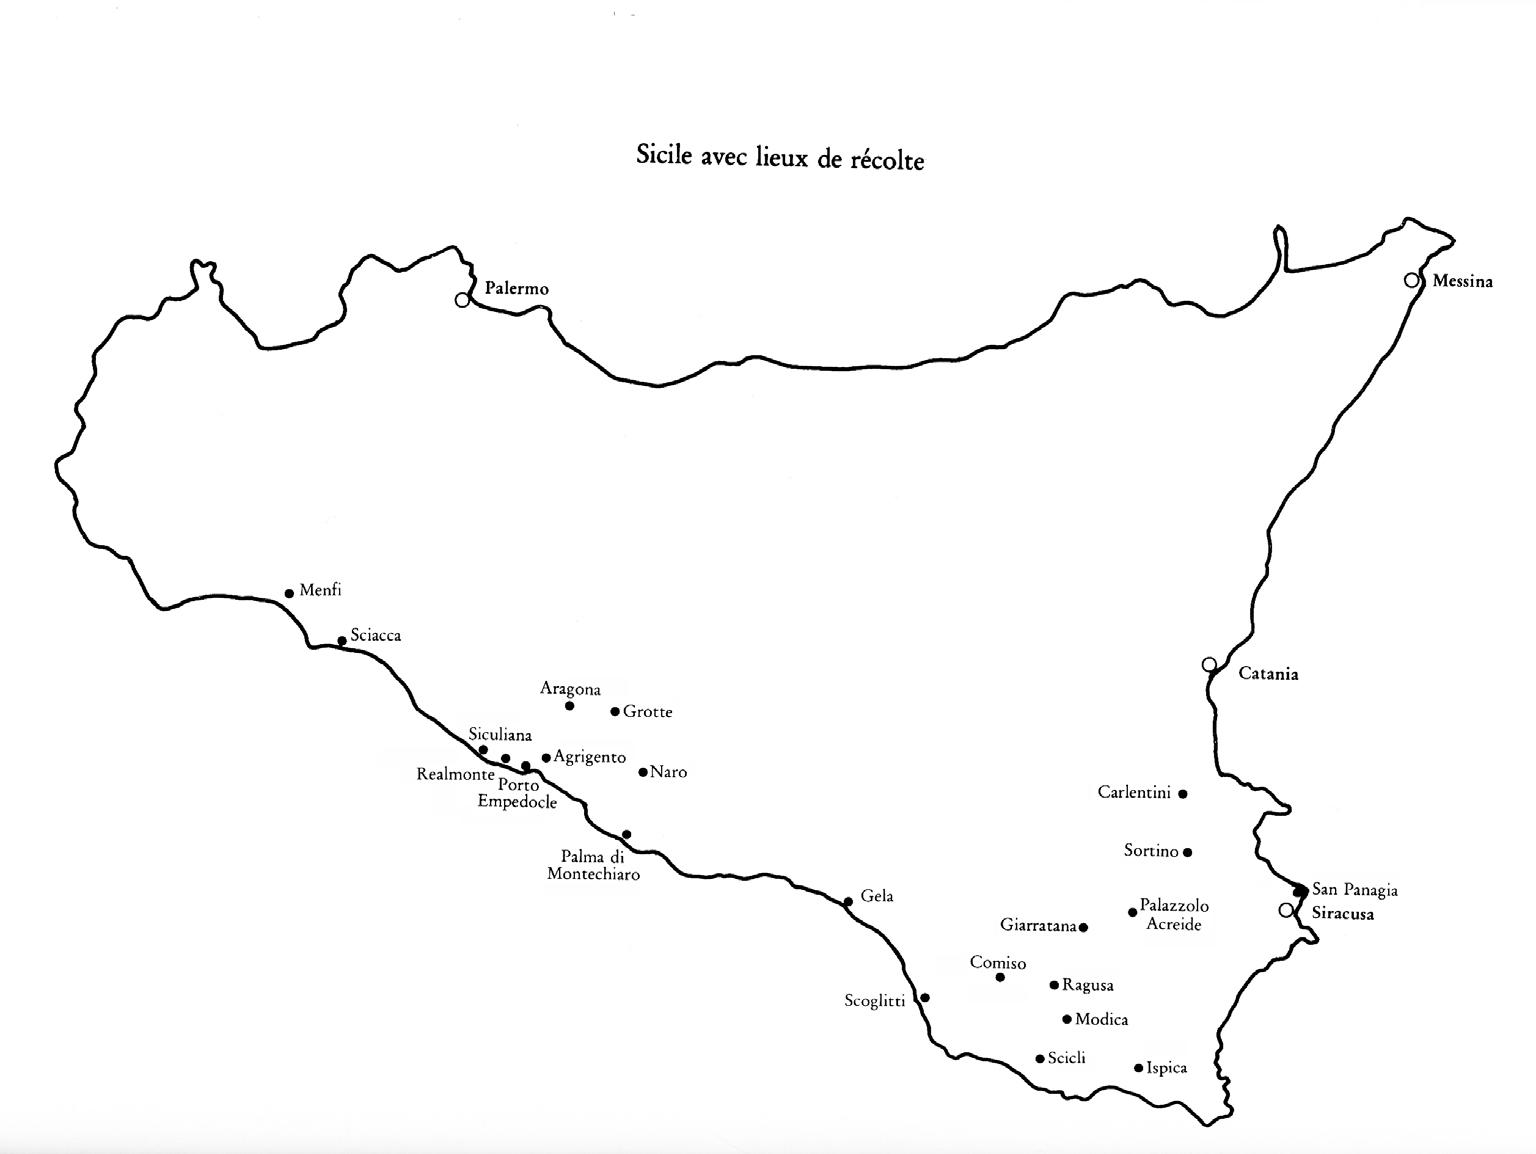 Mappa della Sicilia con le località visitate dai due gruppi